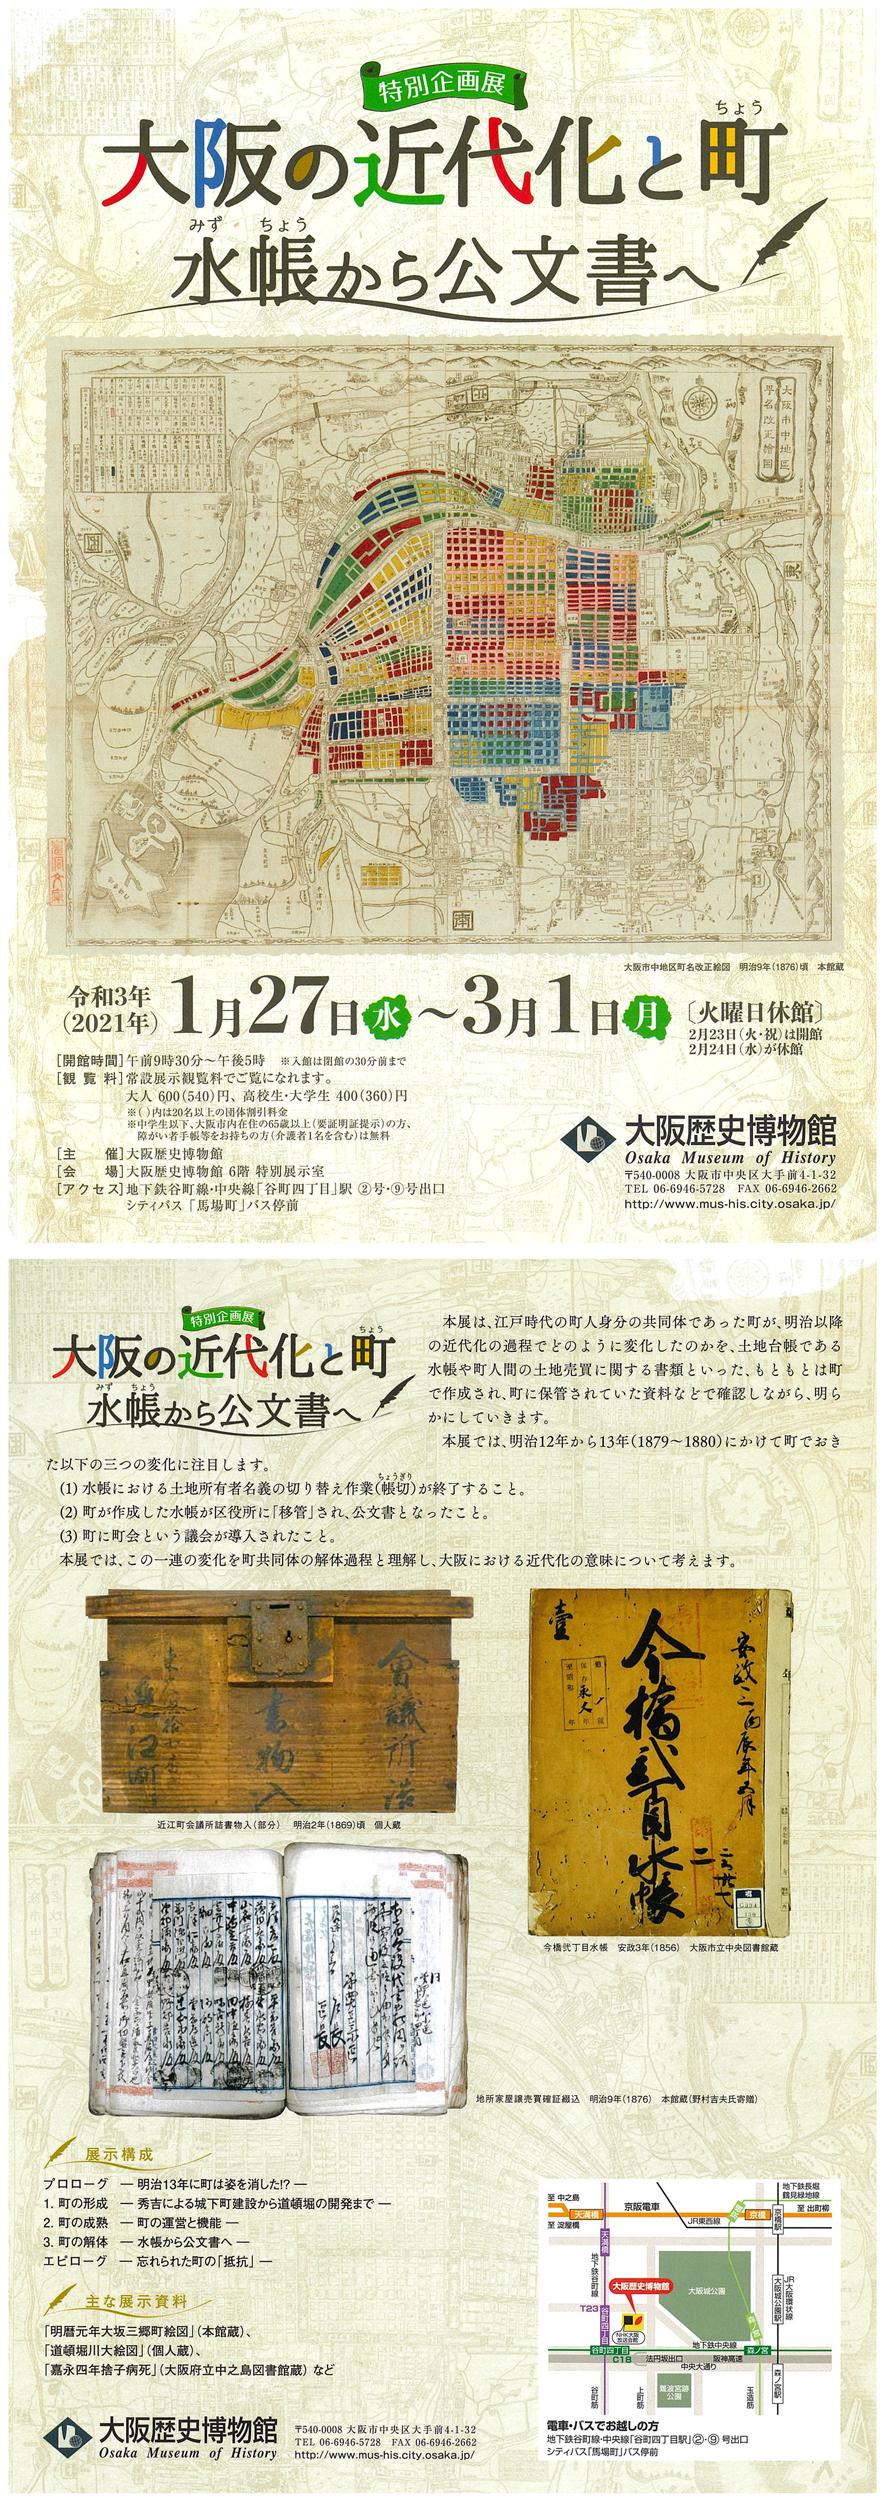 特別企画展「大阪の近代化と町 水帳(みずちょう)から公文書へ」